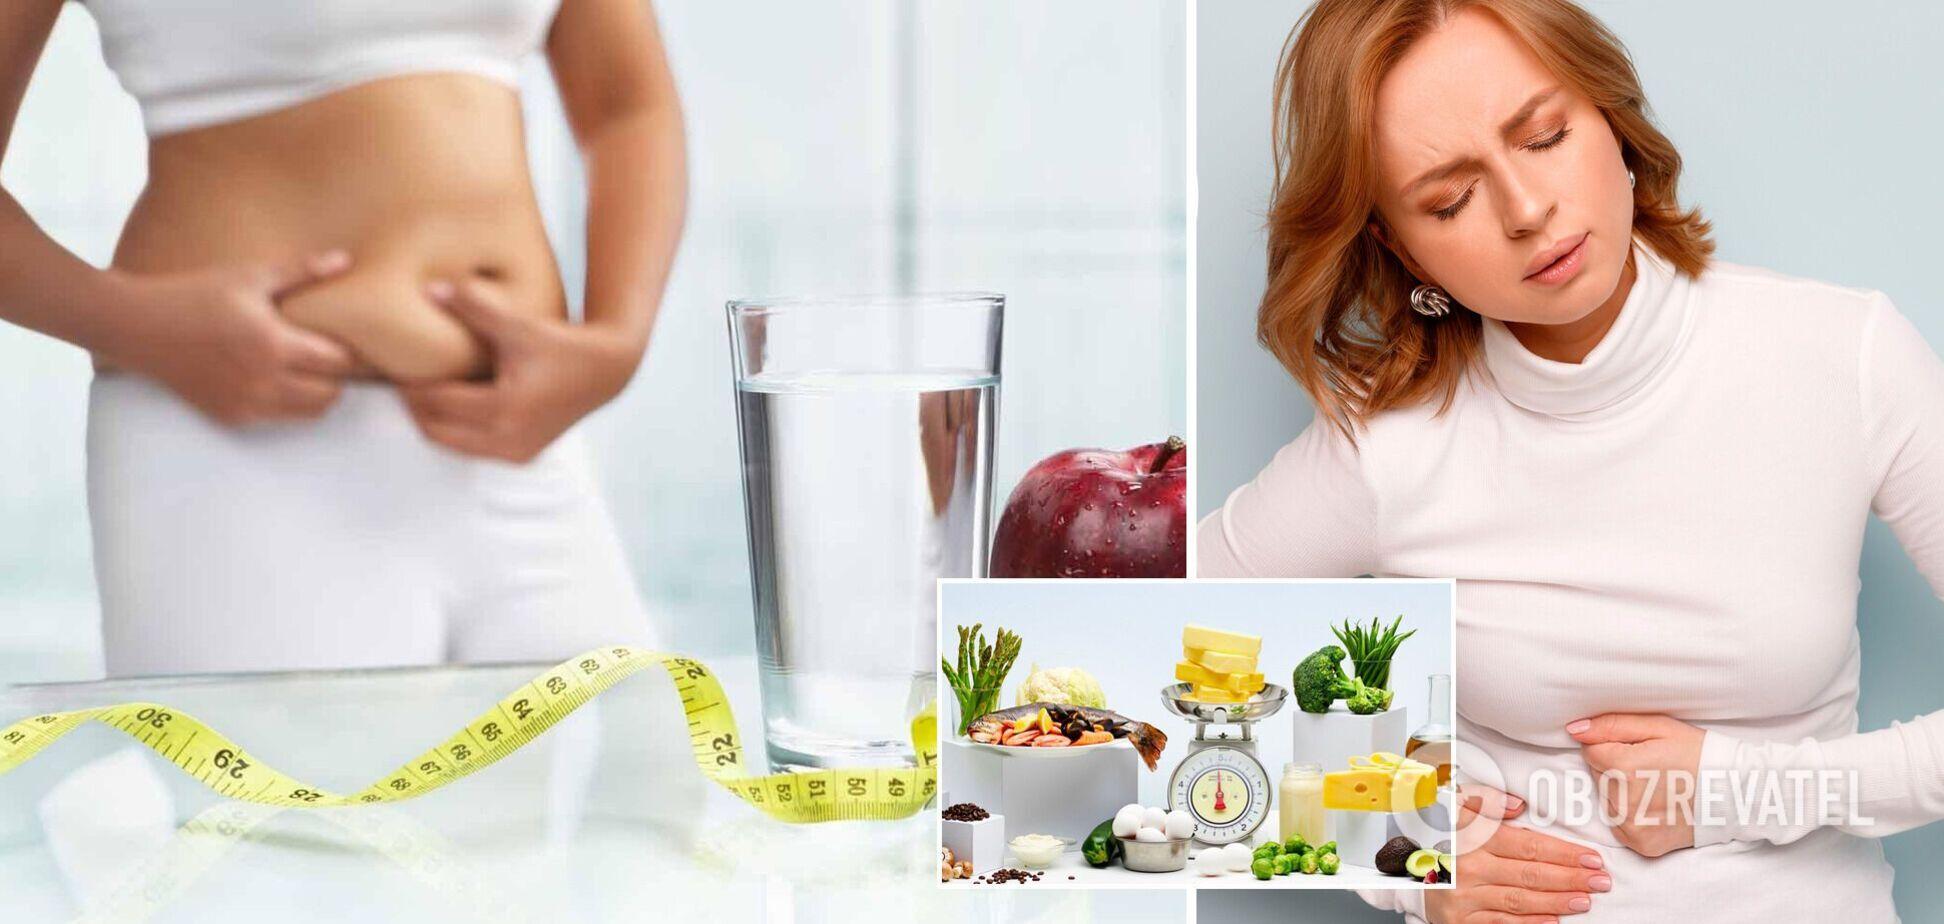 Популярная диета может привести к семи опасным заболеваниям – исследование